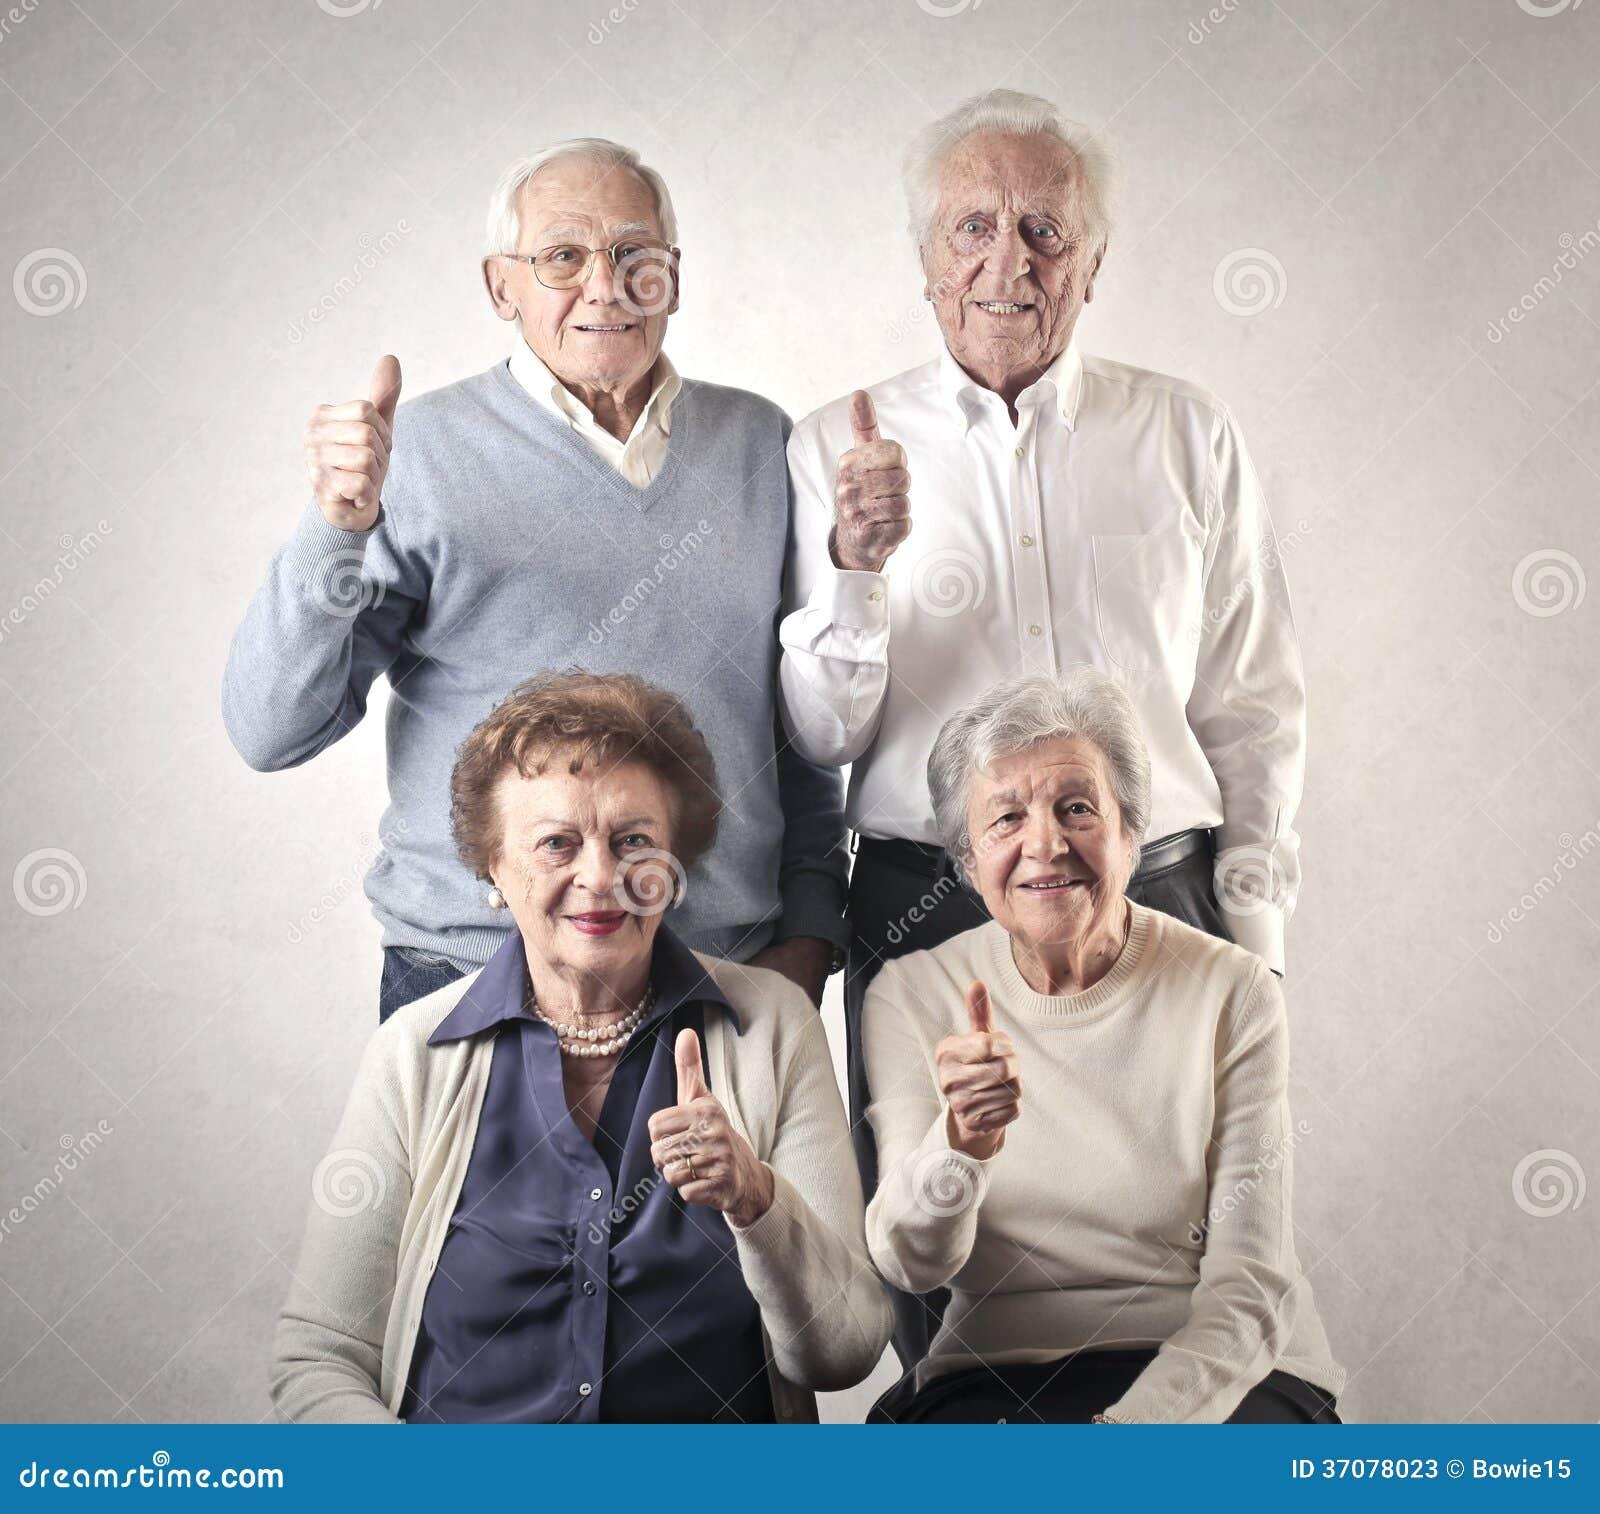 Männer alte Altersunterschied: Warum